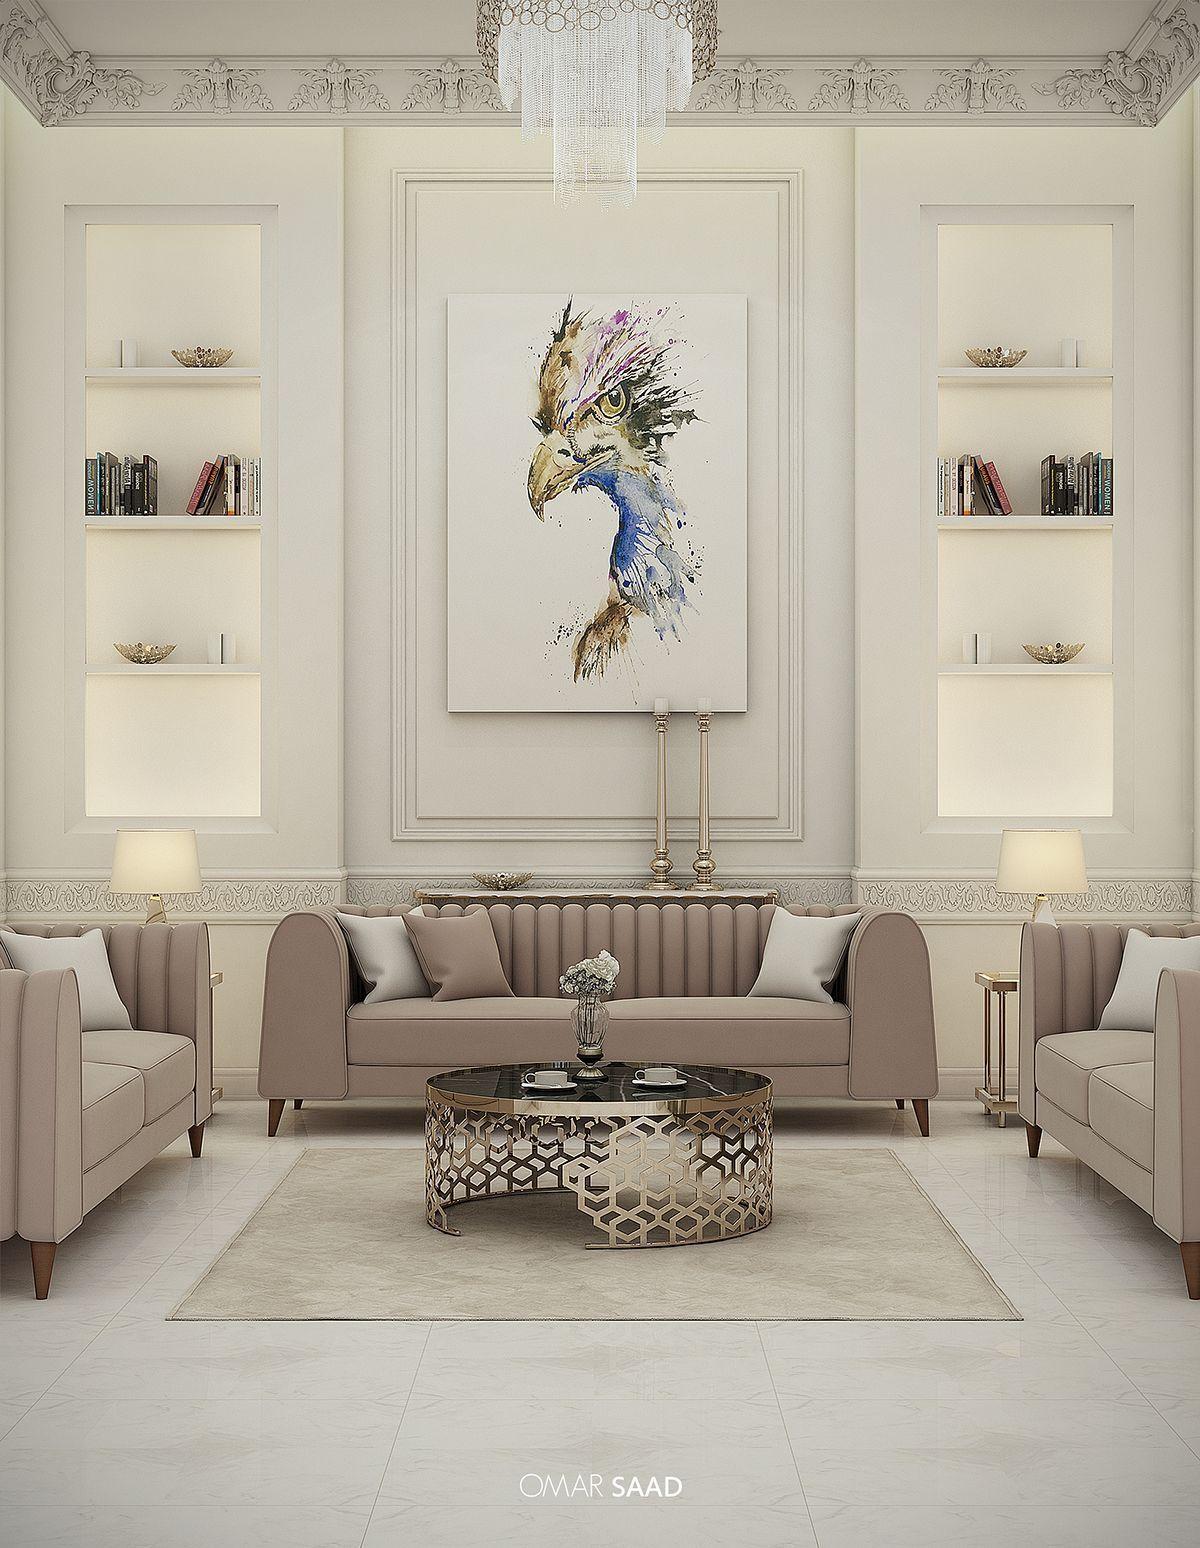 Classic Living Rooms Interior Design: Luxury Apartment Interior Design Ideas With The Right